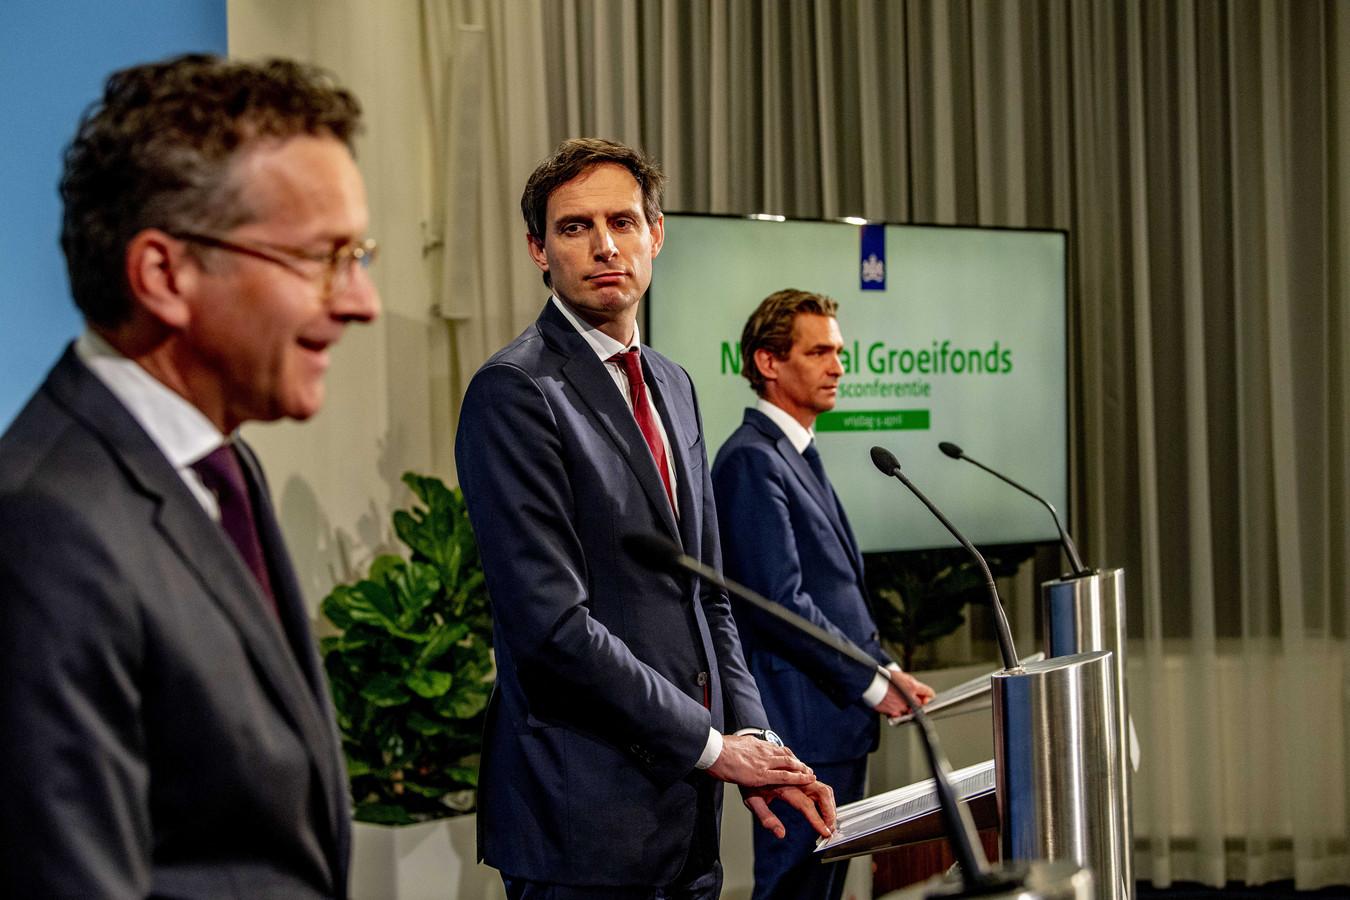 Demissionair ministers Bas van 't Wout en Wopke Hoekstra geven samen met voorzitter Jeroen Dijsselbloem een toelichting op de eerste ronde van het Nationaal Groeifonds.